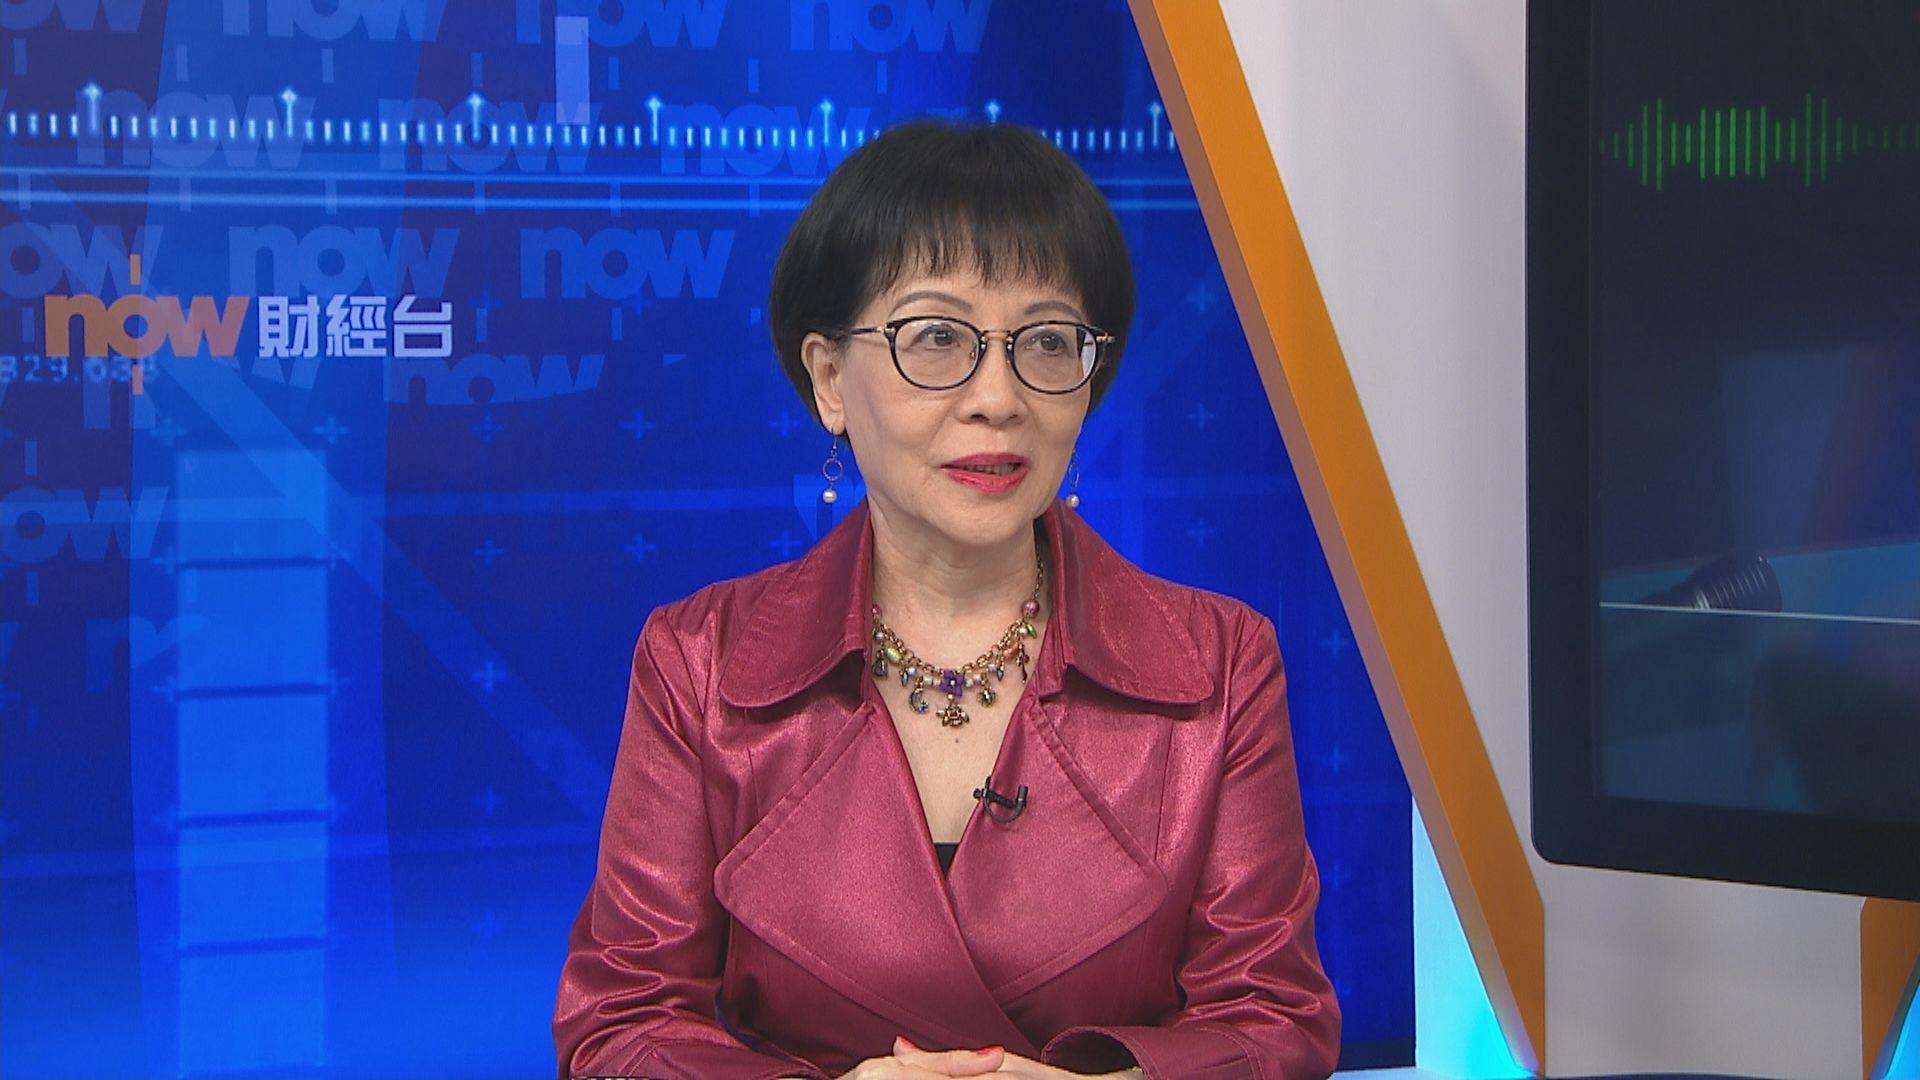 劉燕卿:申訴專員公署提改善建議 九成獲採納